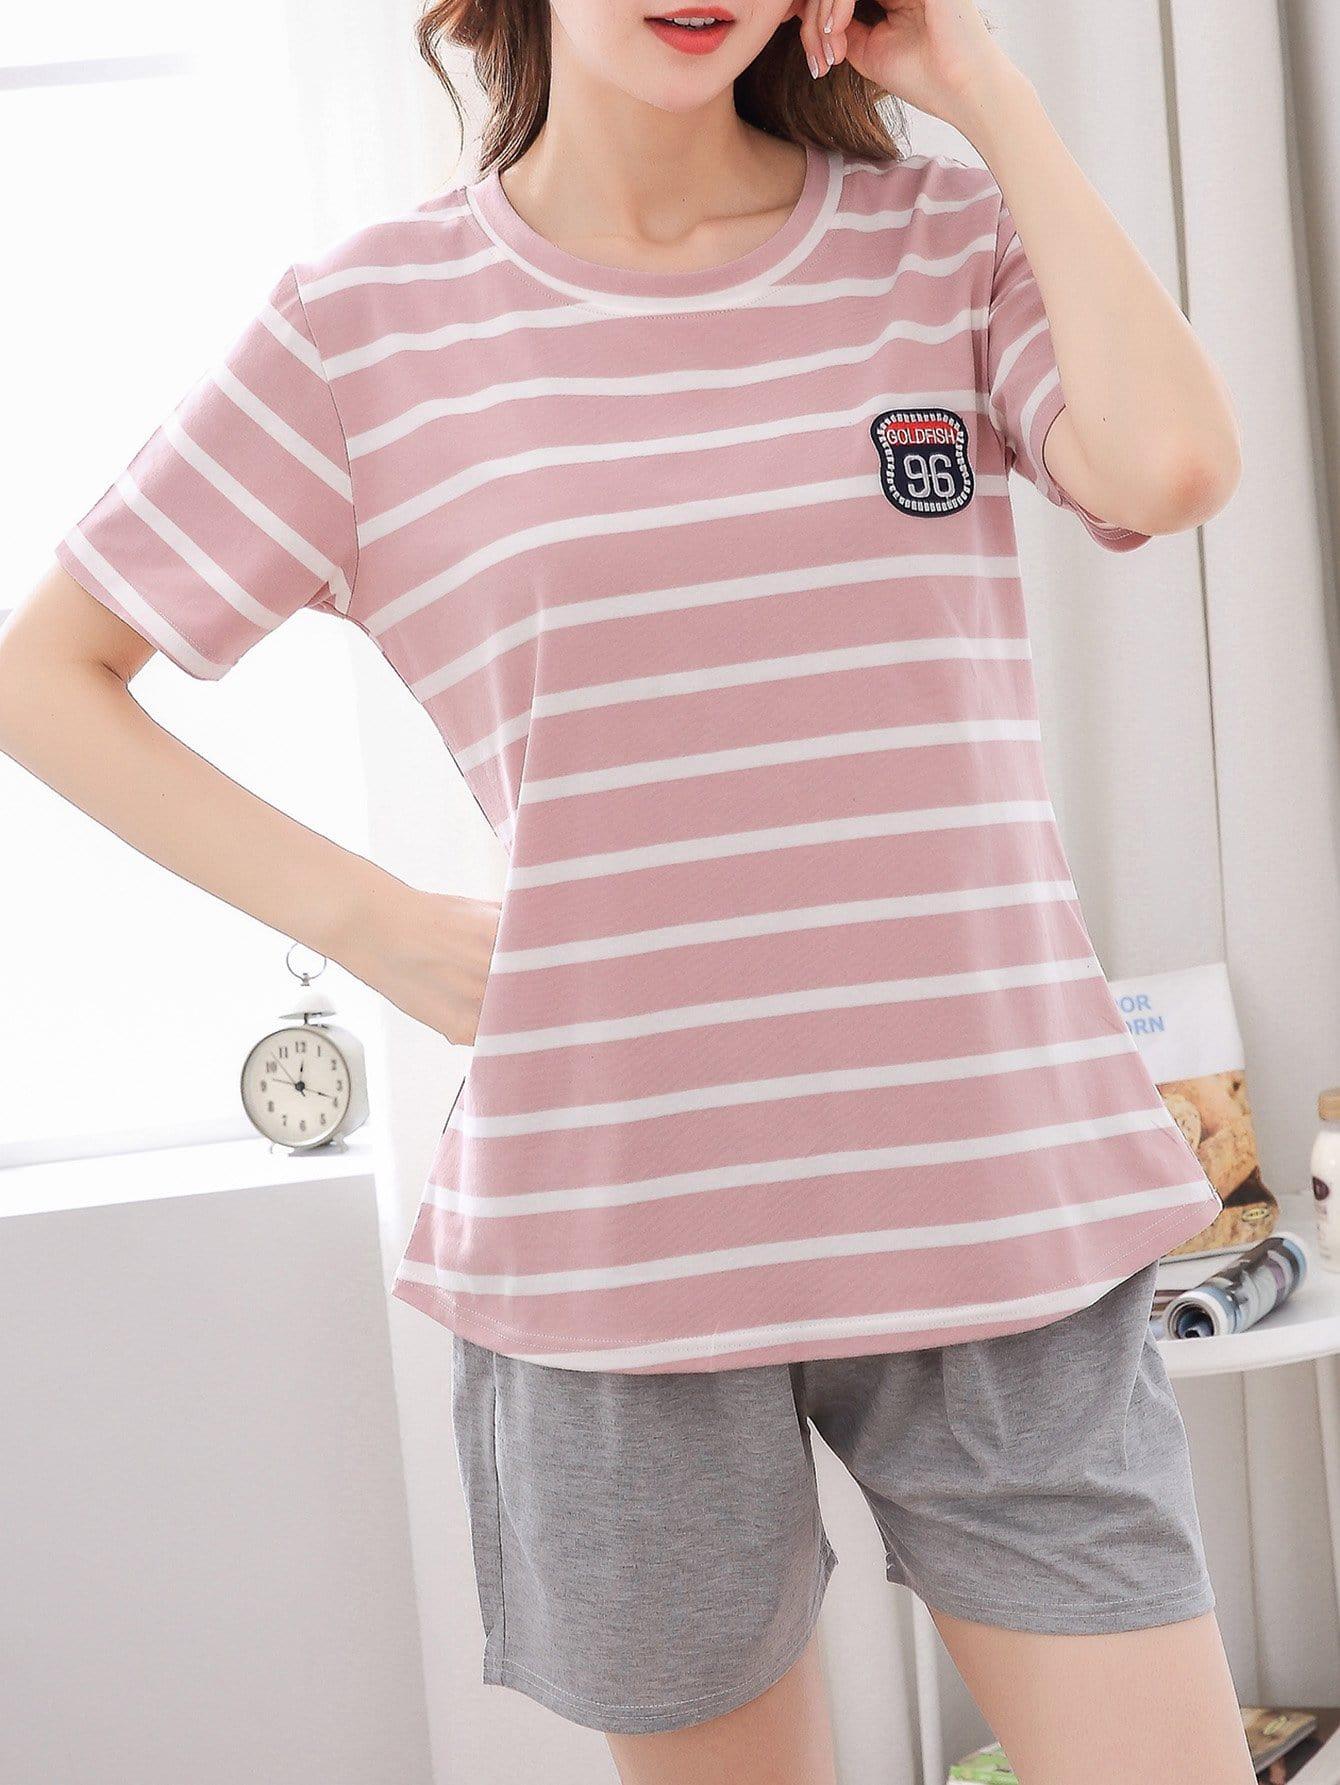 Купить Комплект пижамы с вышивкой надпись и полоски, null, SheIn